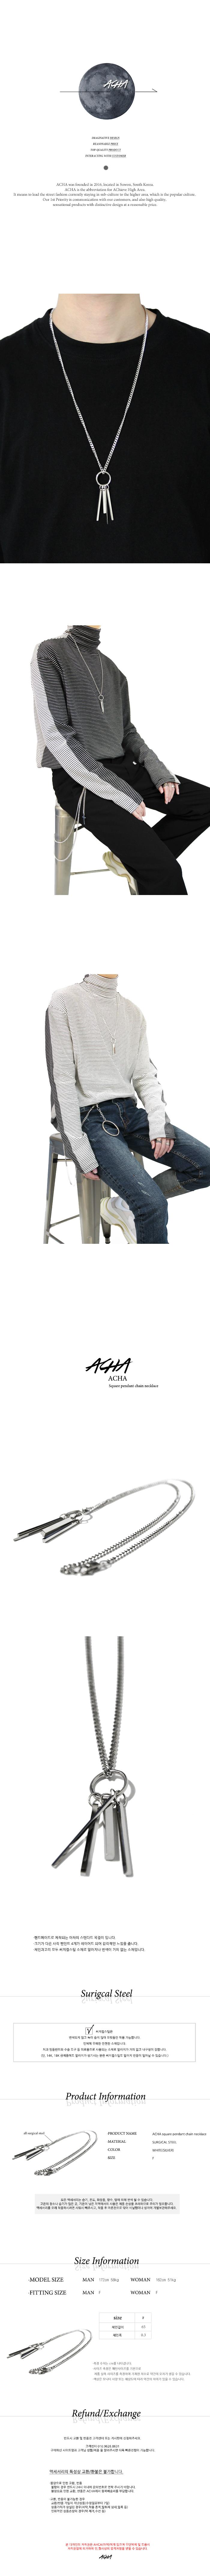 스틱목걸이2.jpg